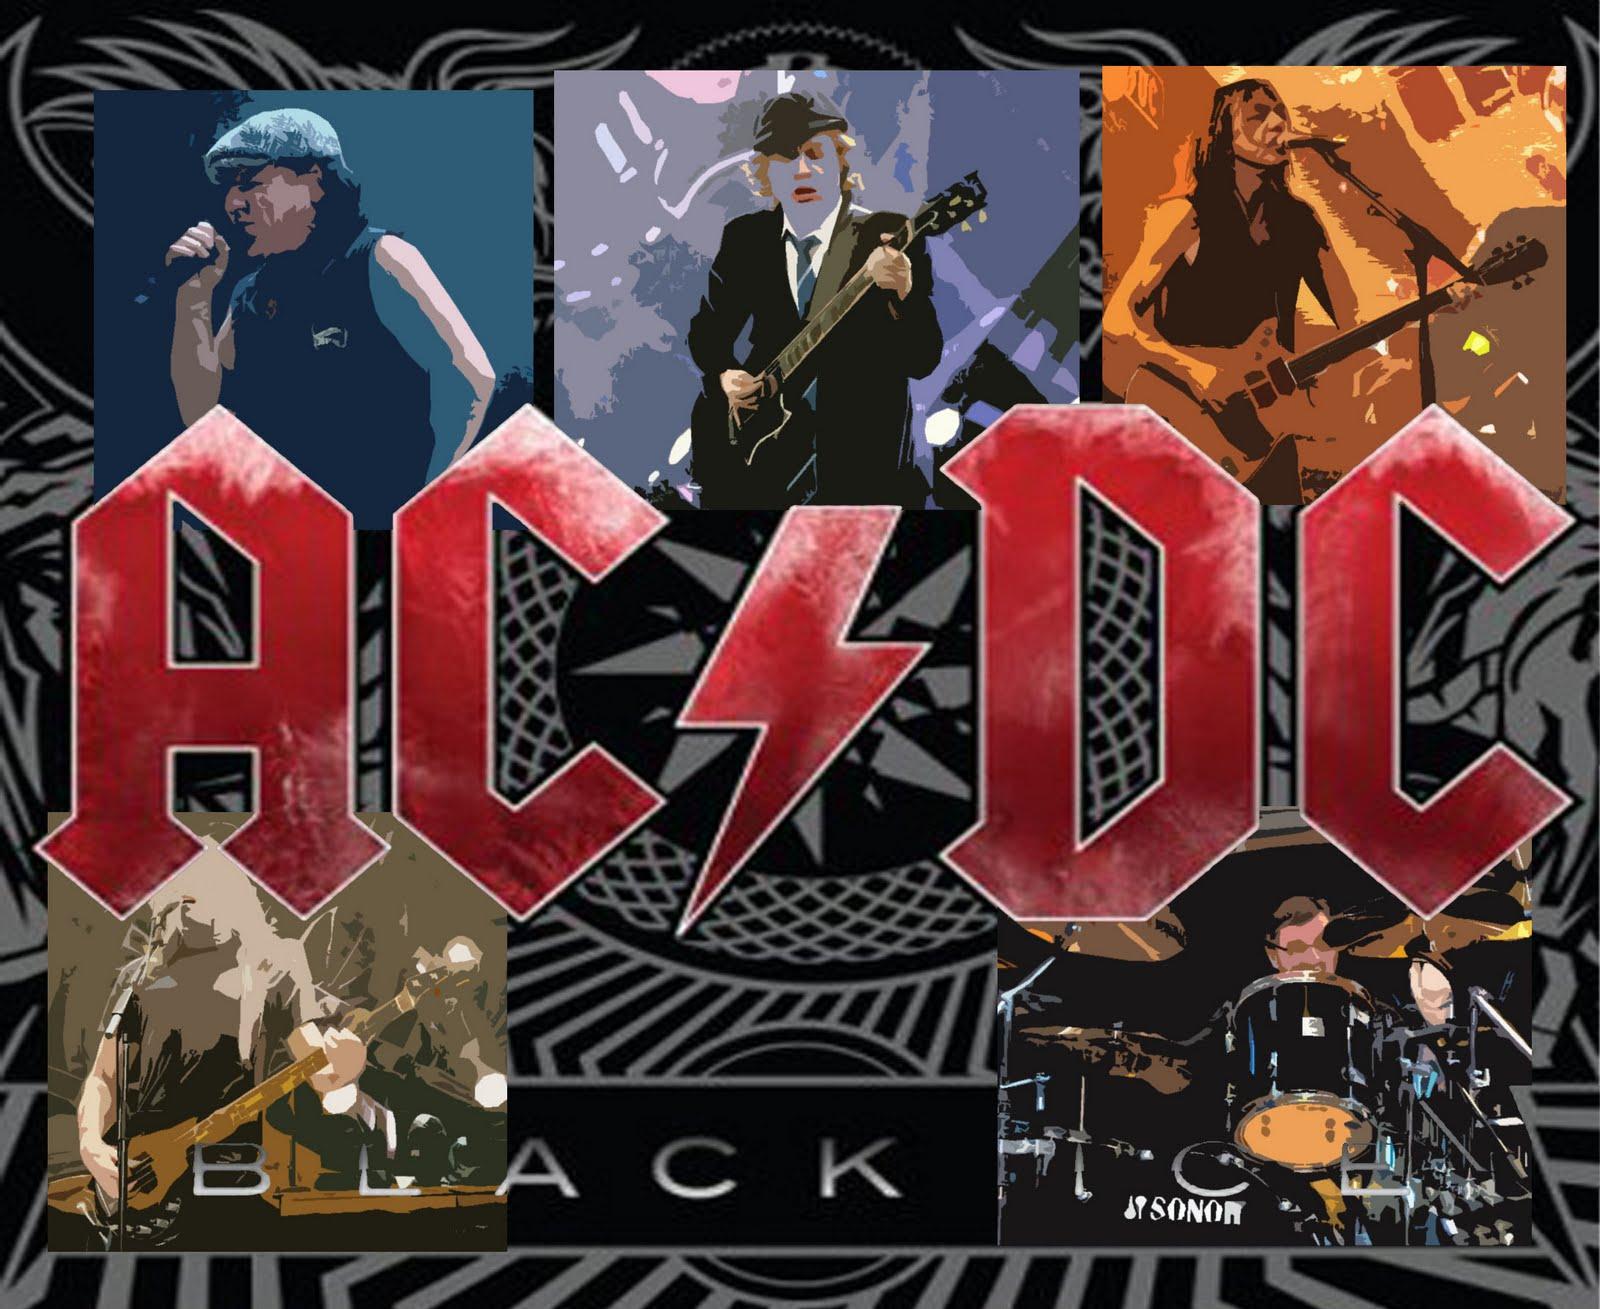 http://3.bp.blogspot.com/-ifZSlt9YMM4/TsZrkYFteYI/AAAAAAAAGgE/Z7OZBTiGMl0/s1600/ACDC_Black_Ice_cover_remake_by_mentalhaggis.jpg